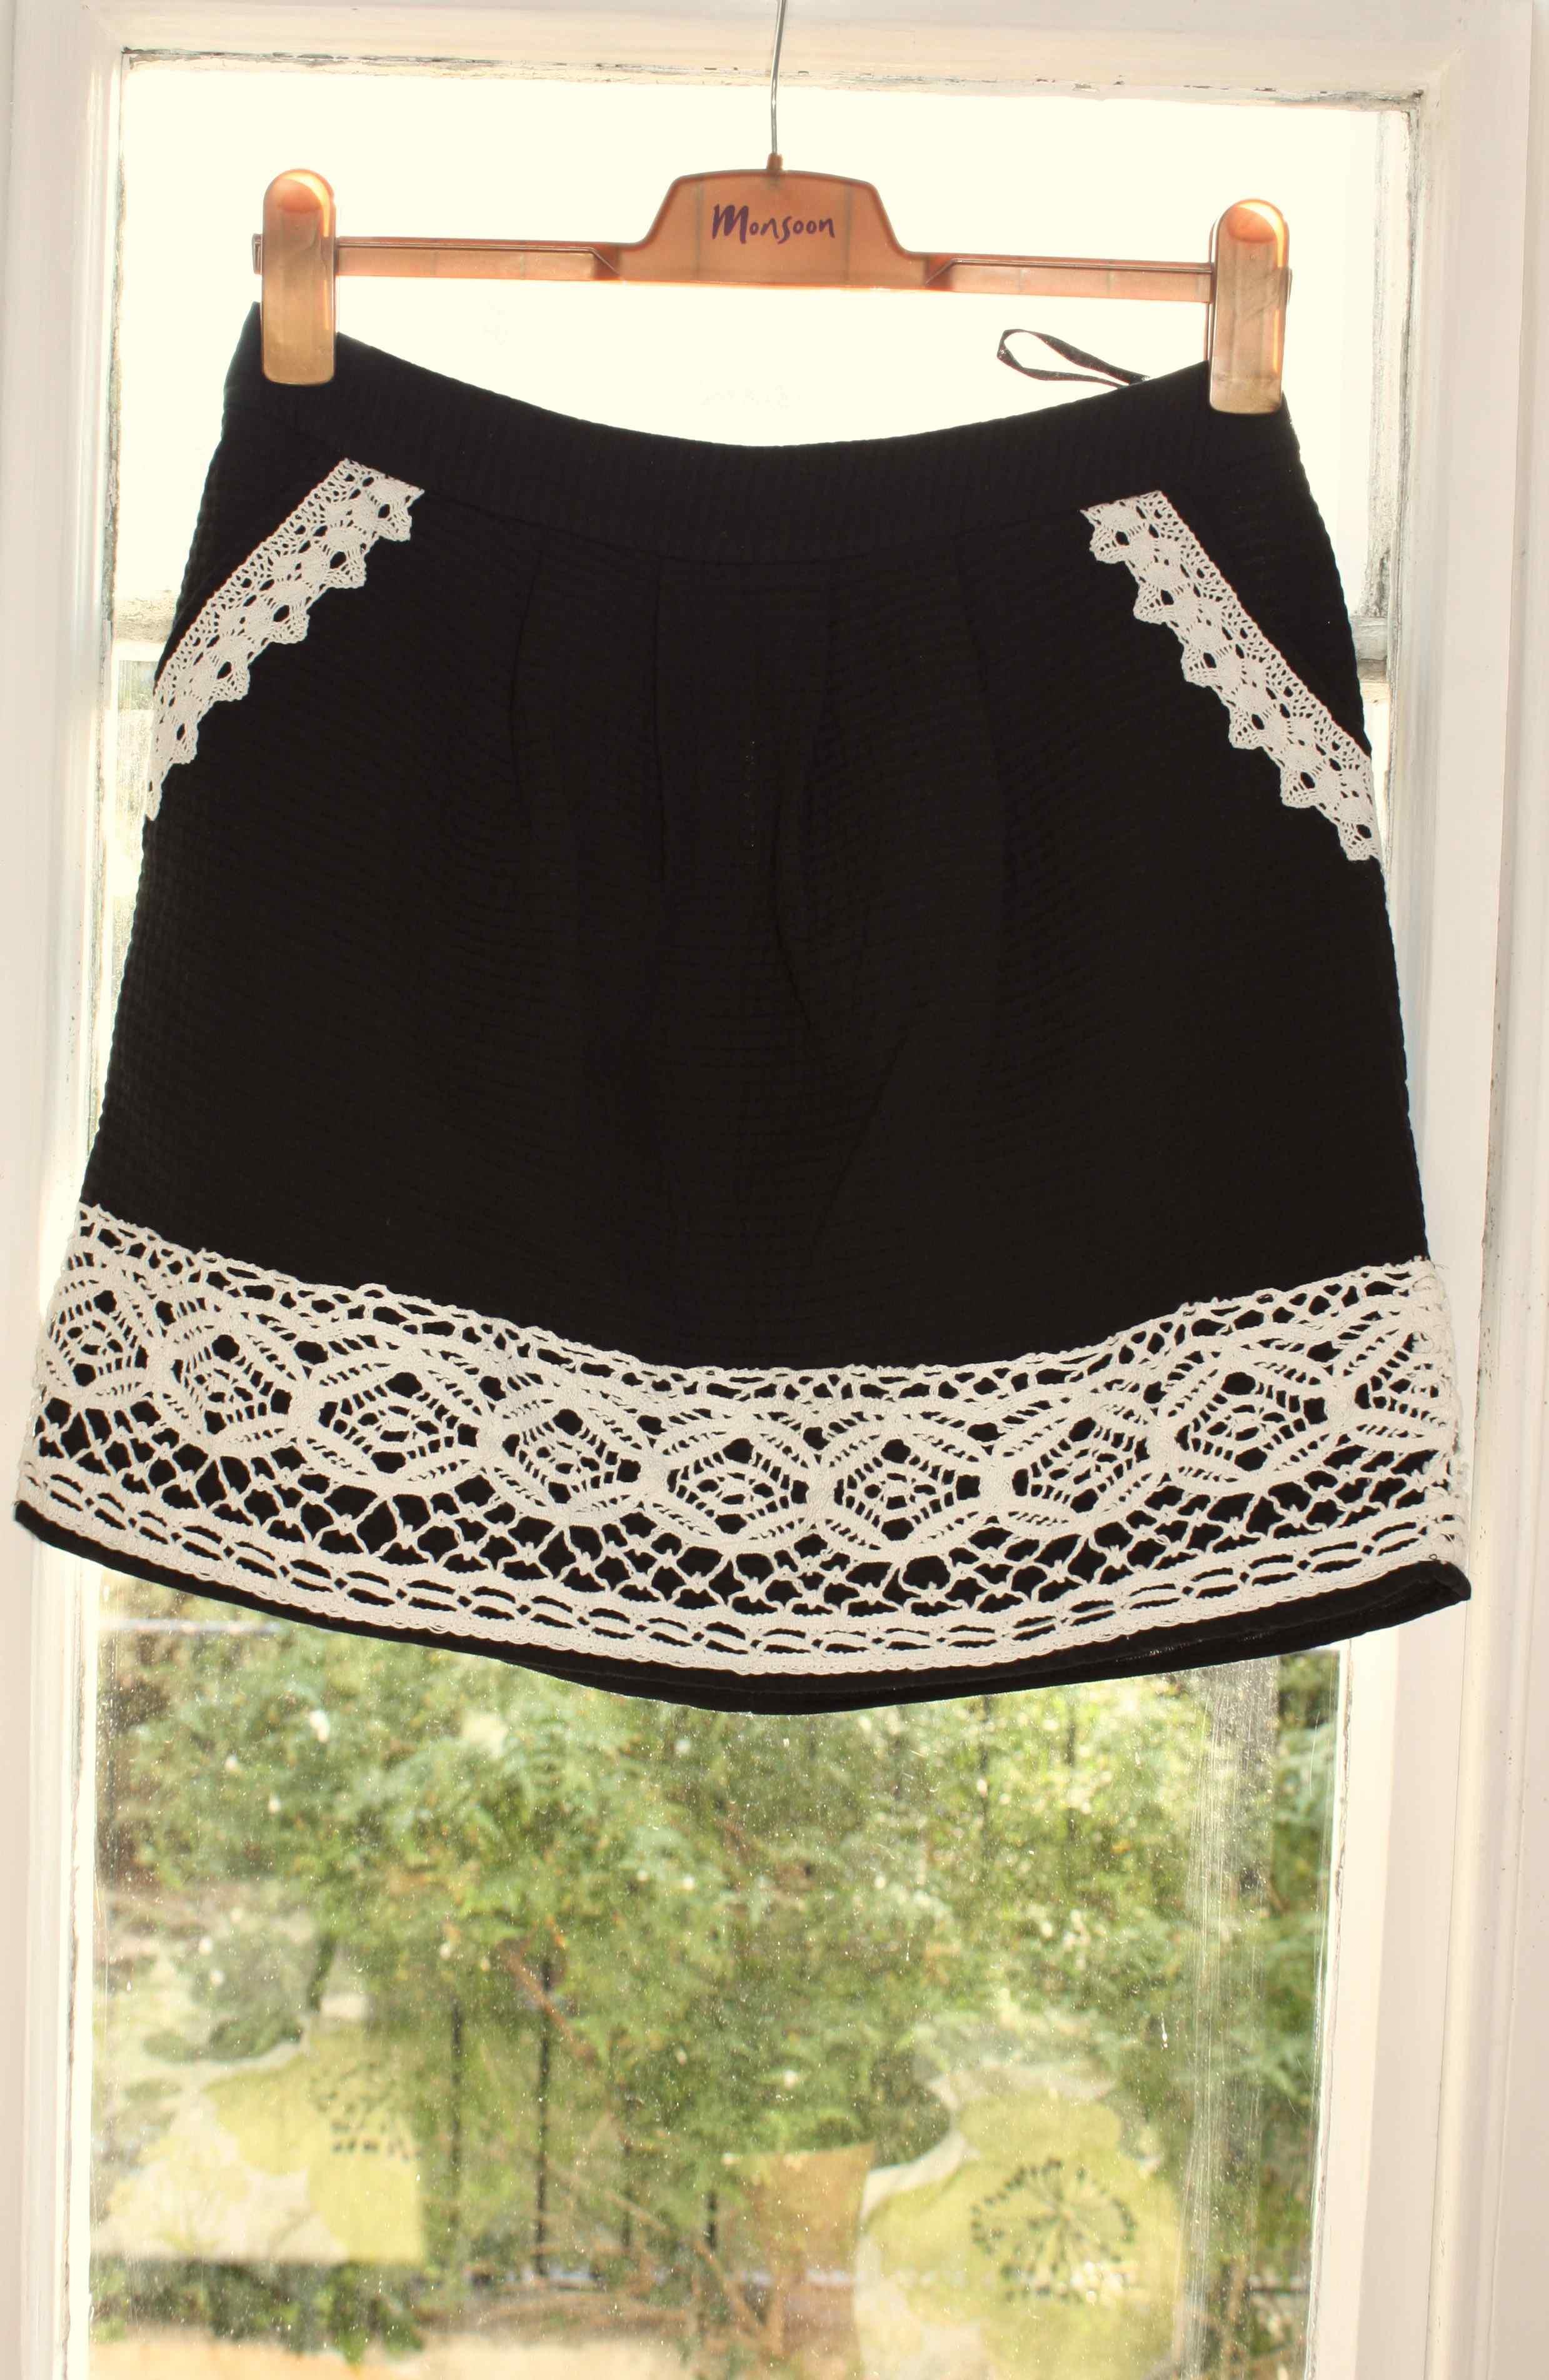 Monsoon black and white skirt